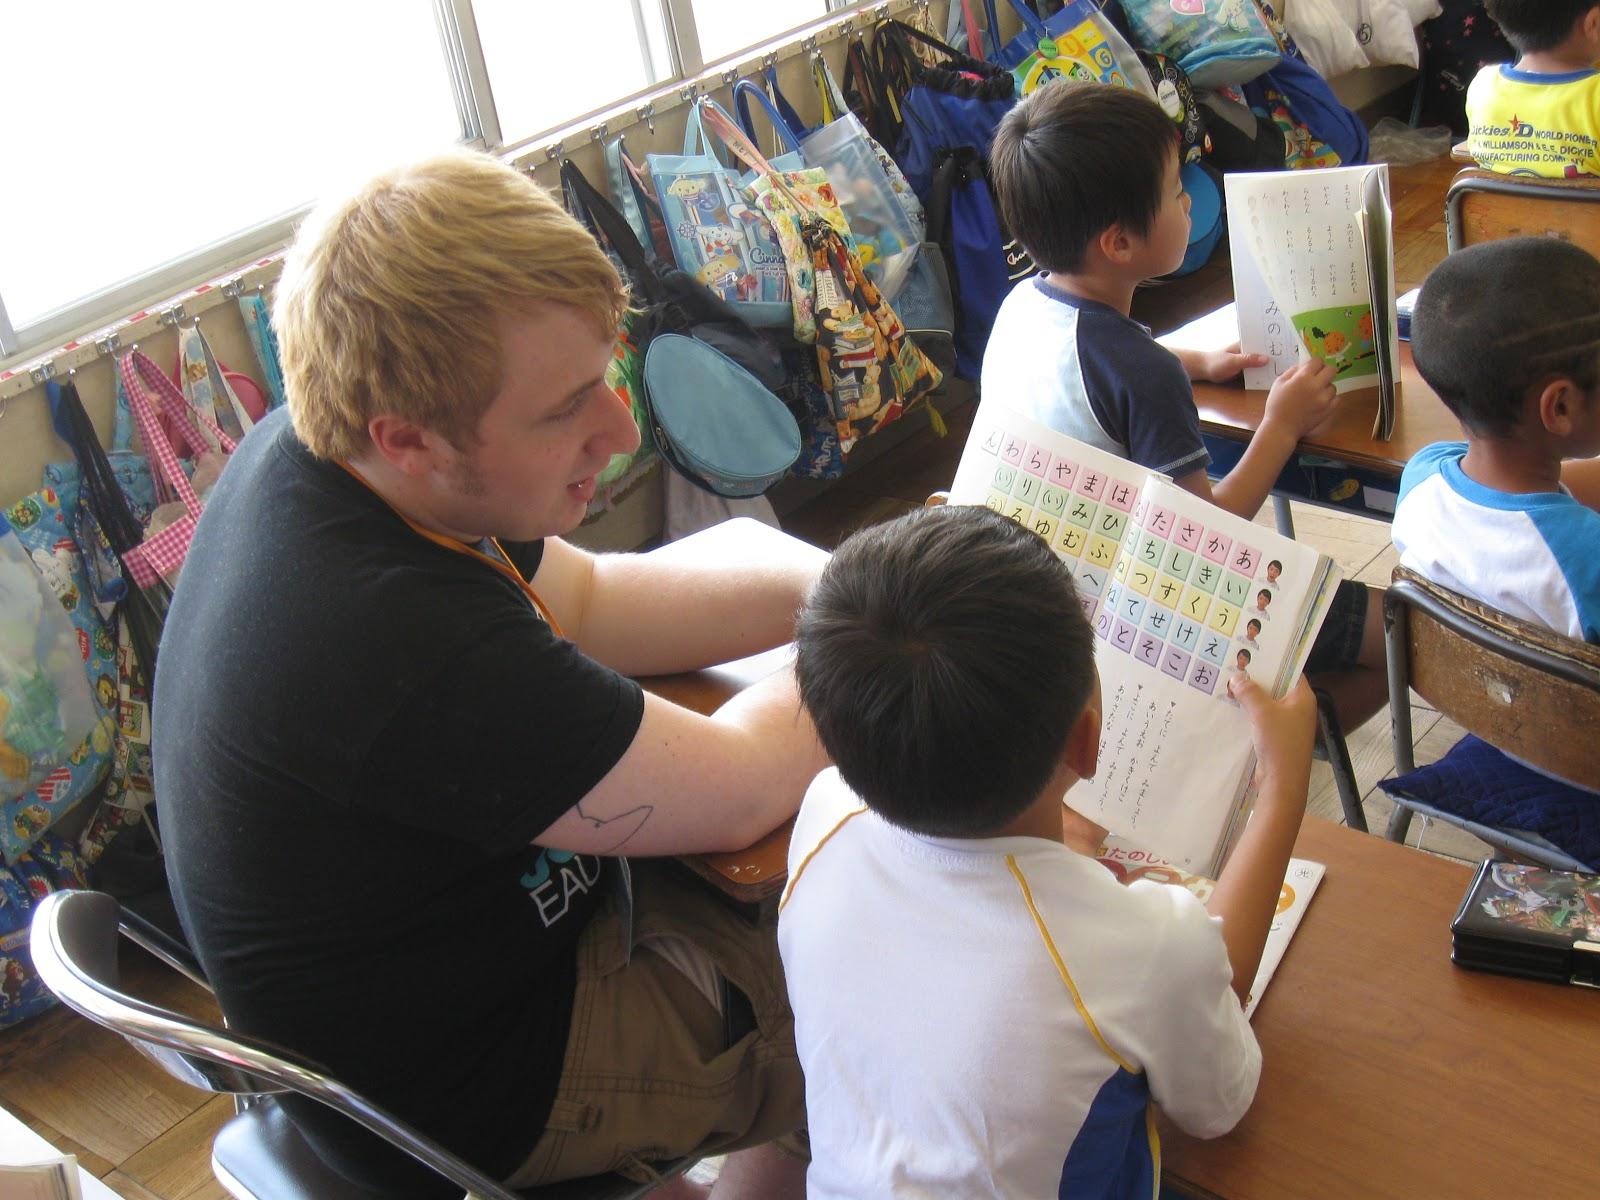 ... : Japanese Kids Playing , Japanese Kid Girl , Japanese Kids Eating